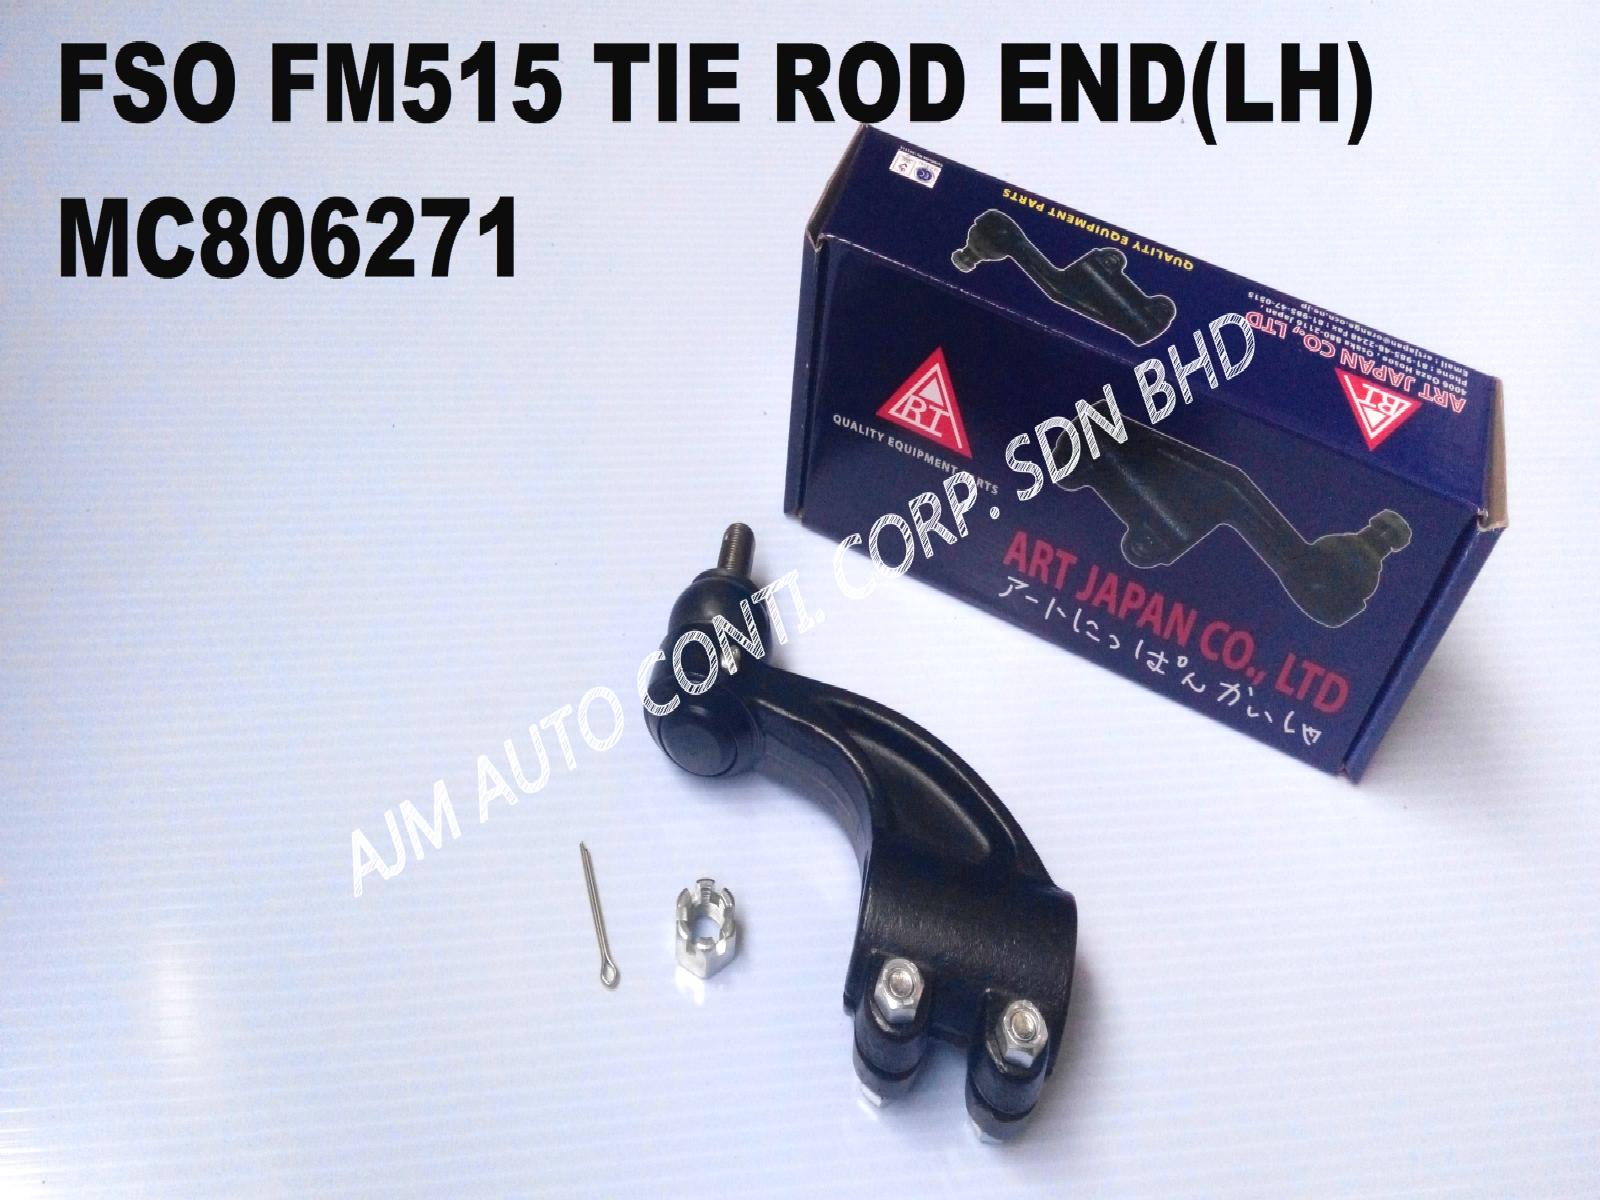 FUSO_FM515_TIE_ROD_END_MC806271_meitu_3